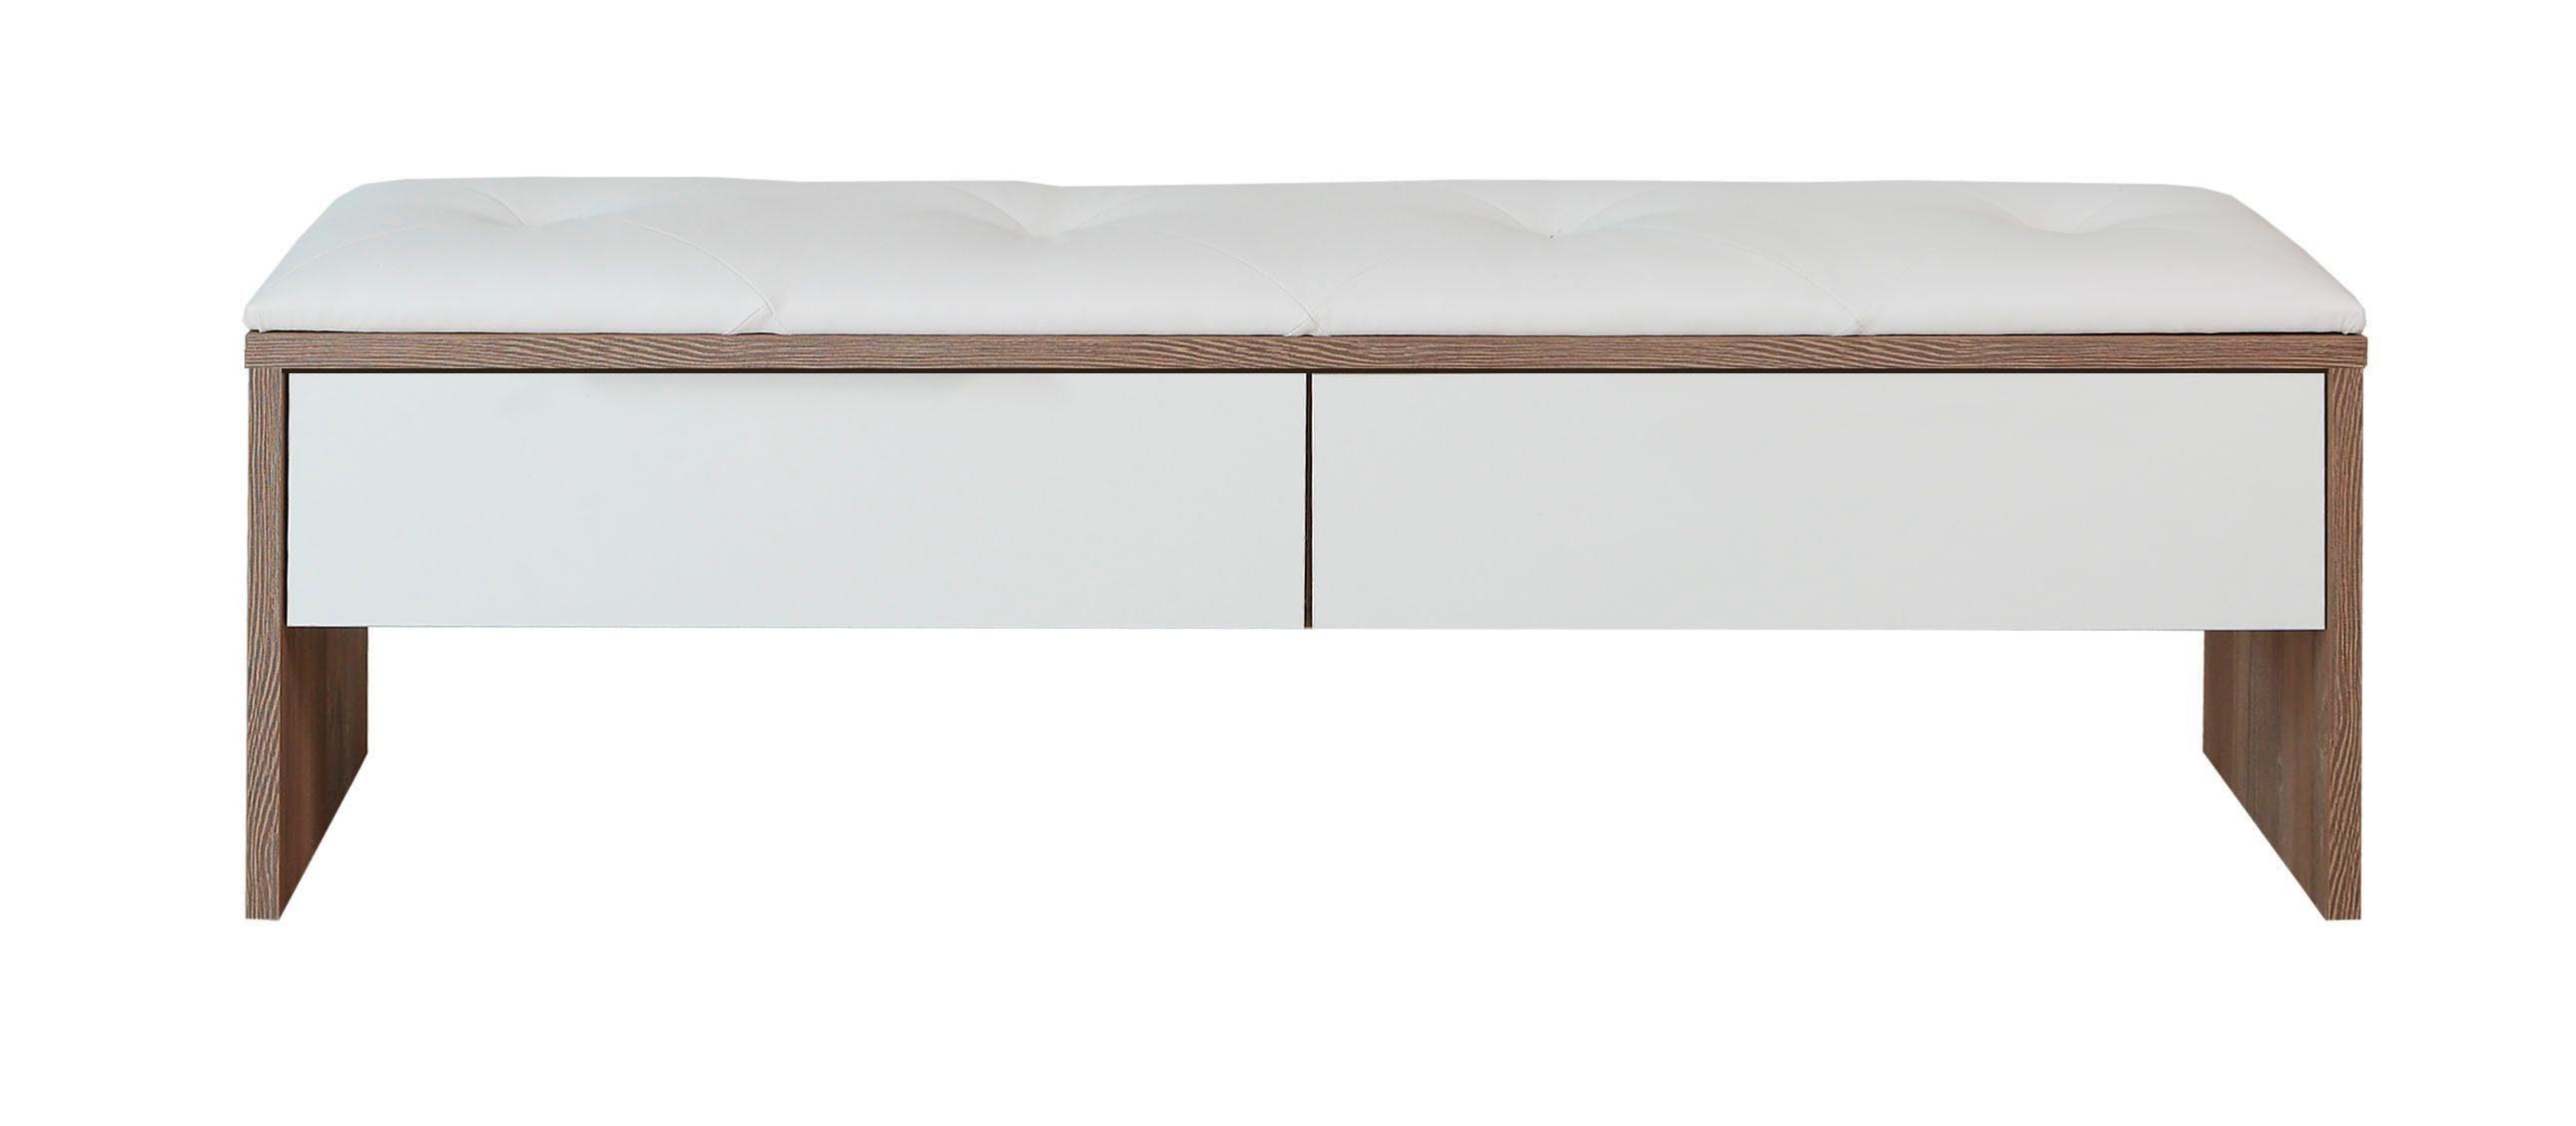 FORTE Sitzbank »Esporao« mit Schubkästen